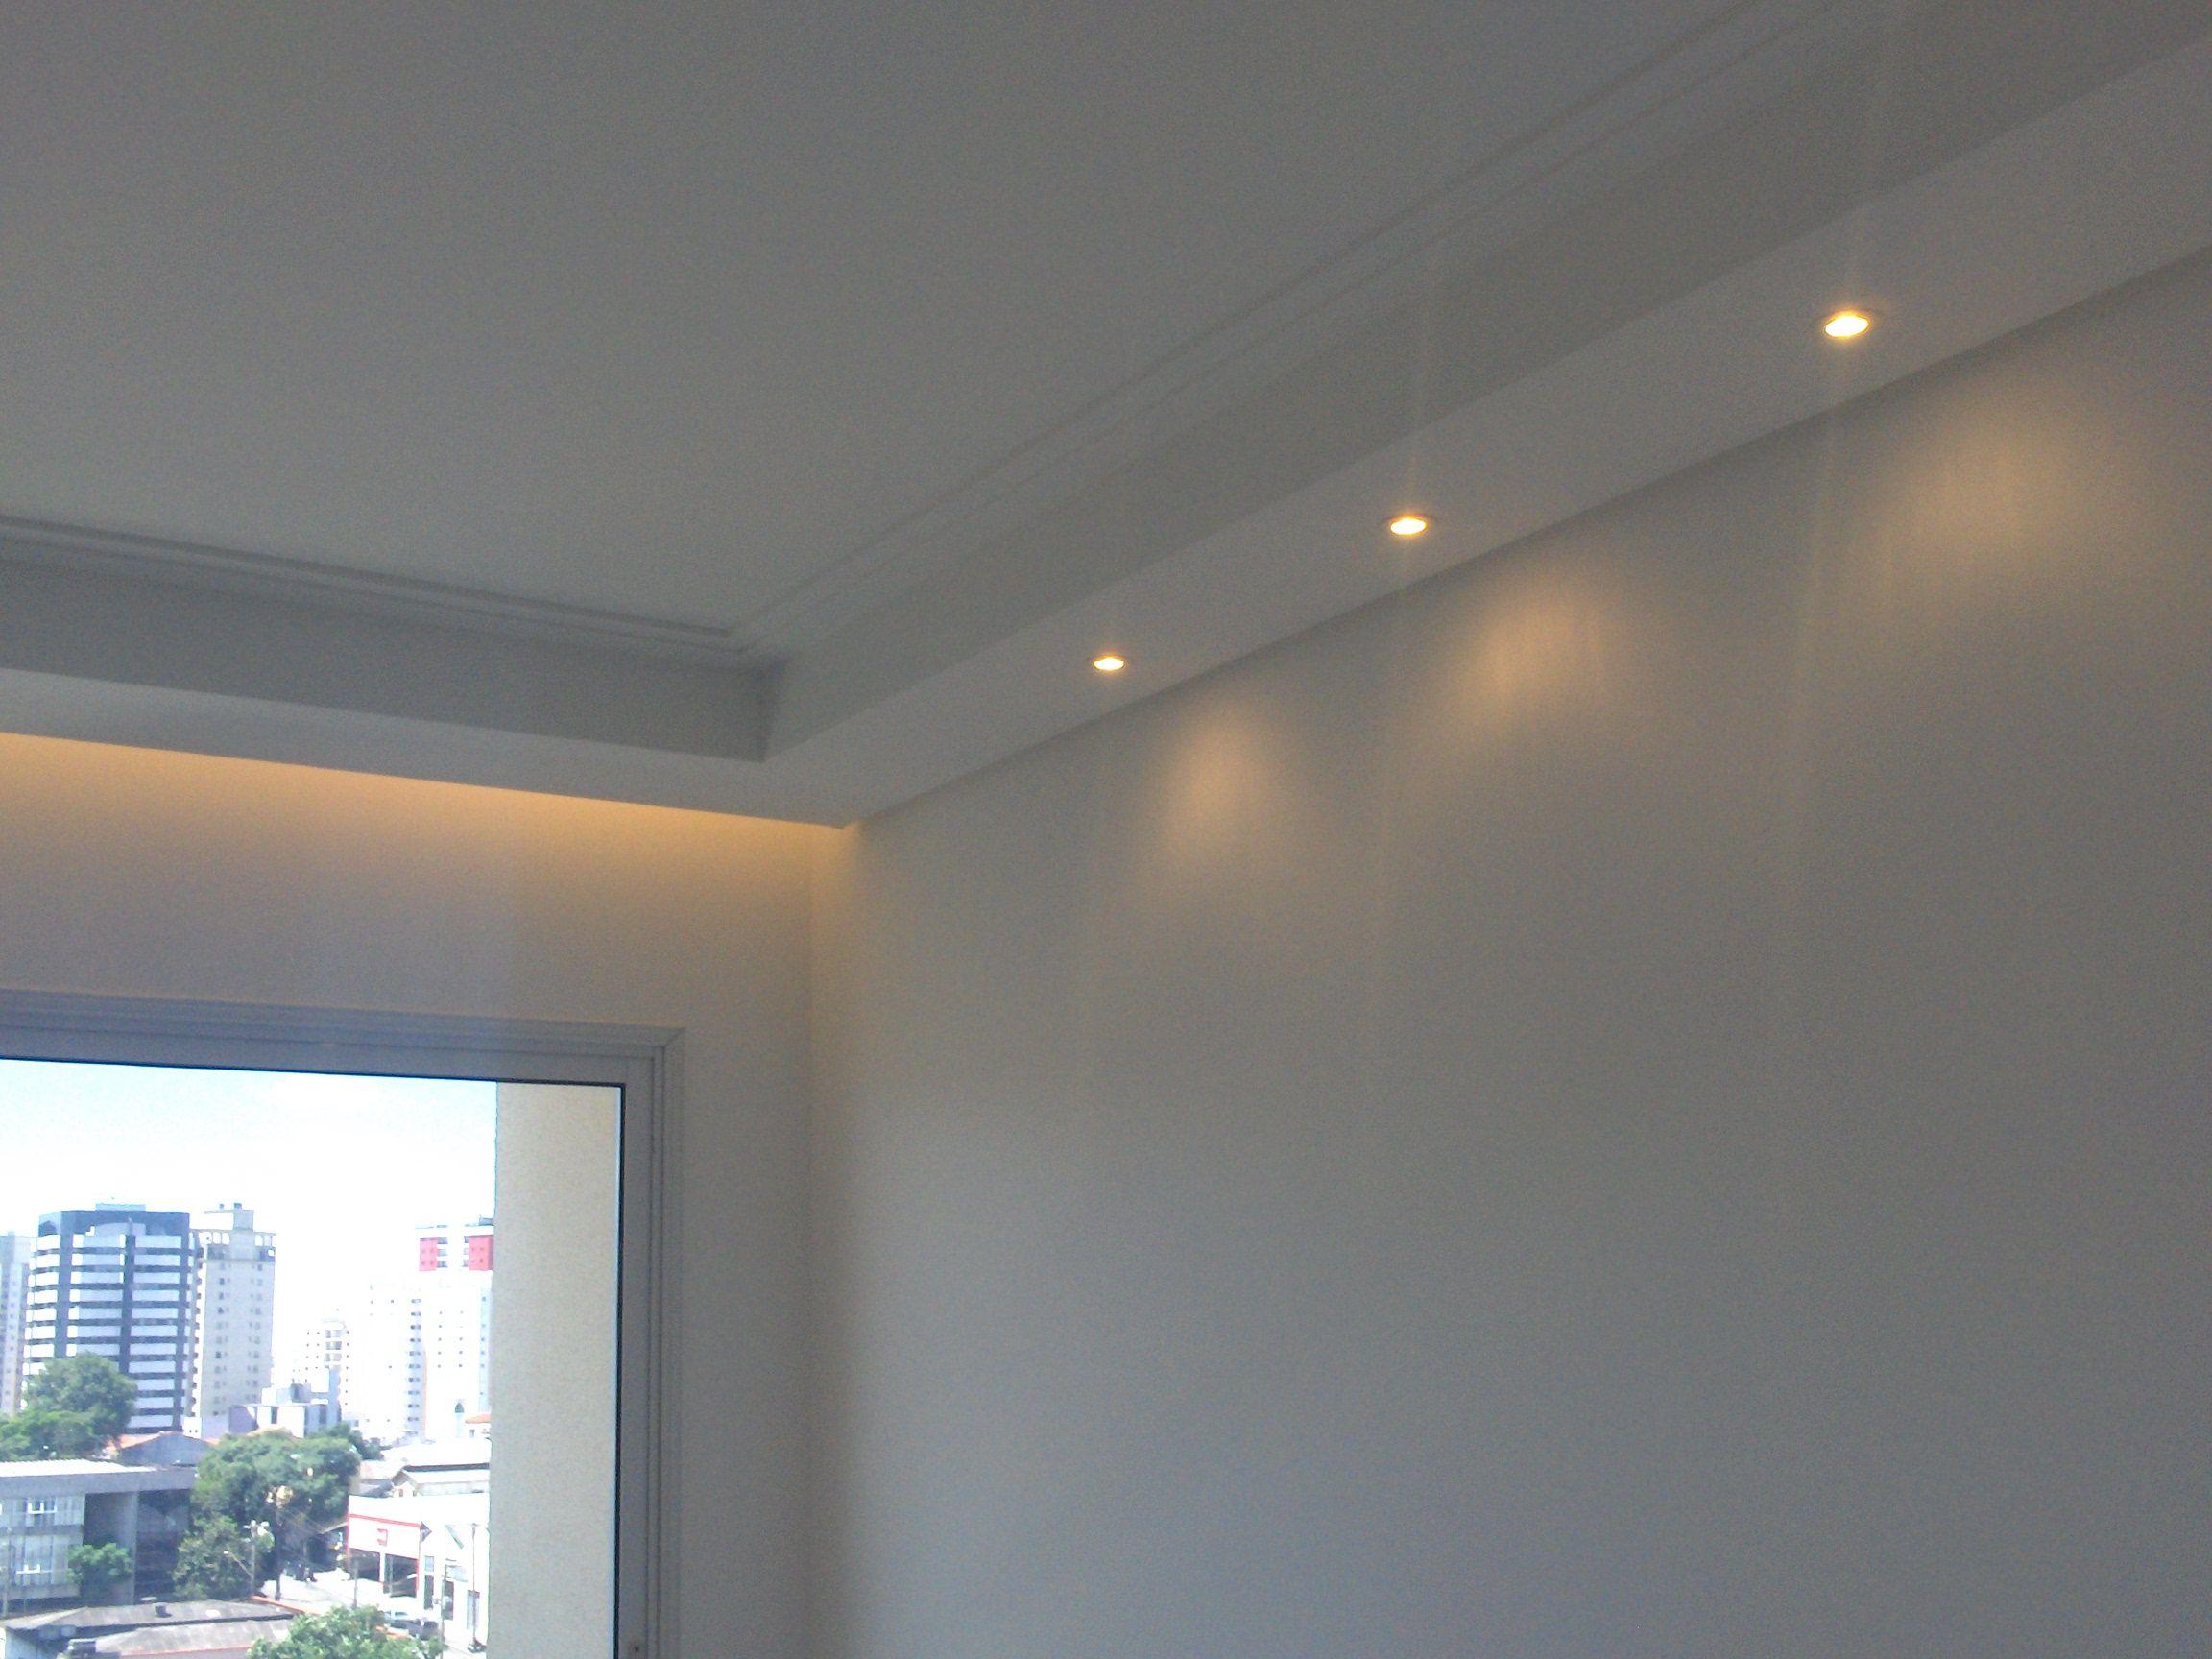 Cortineiro Iluminado Com Sanca Fechada Sala Pinterest Ceilings  -> Sancas De Gesso Para Sala Fotos